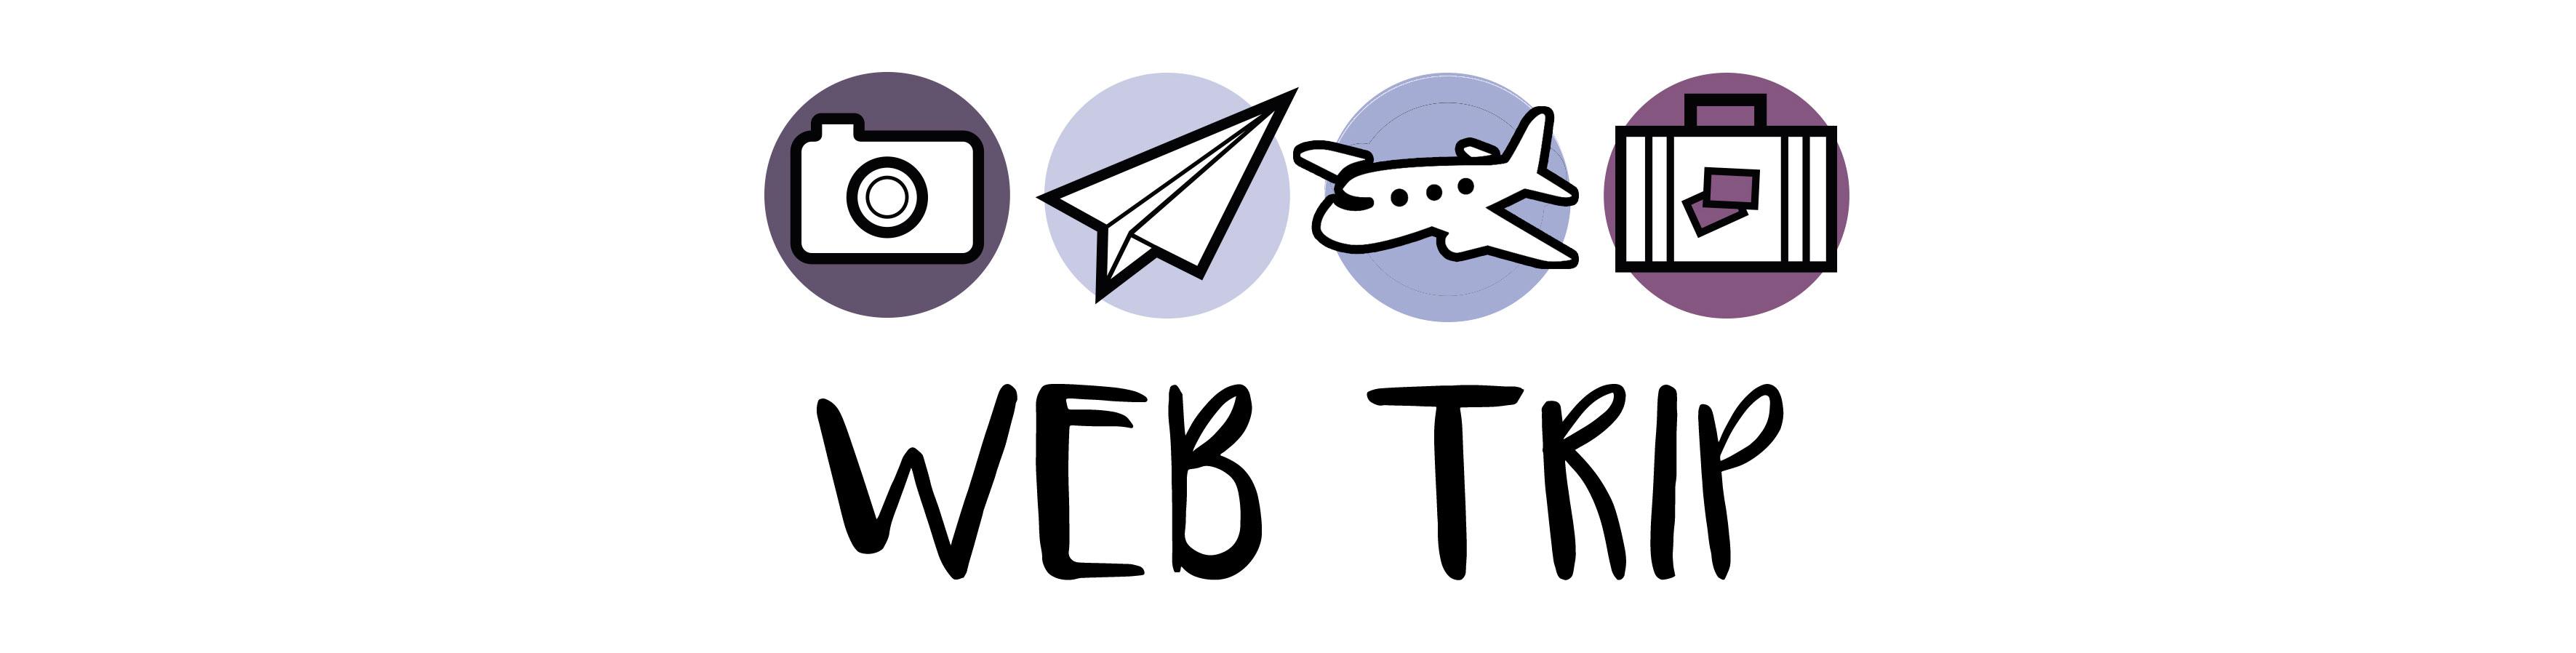 Web Trip